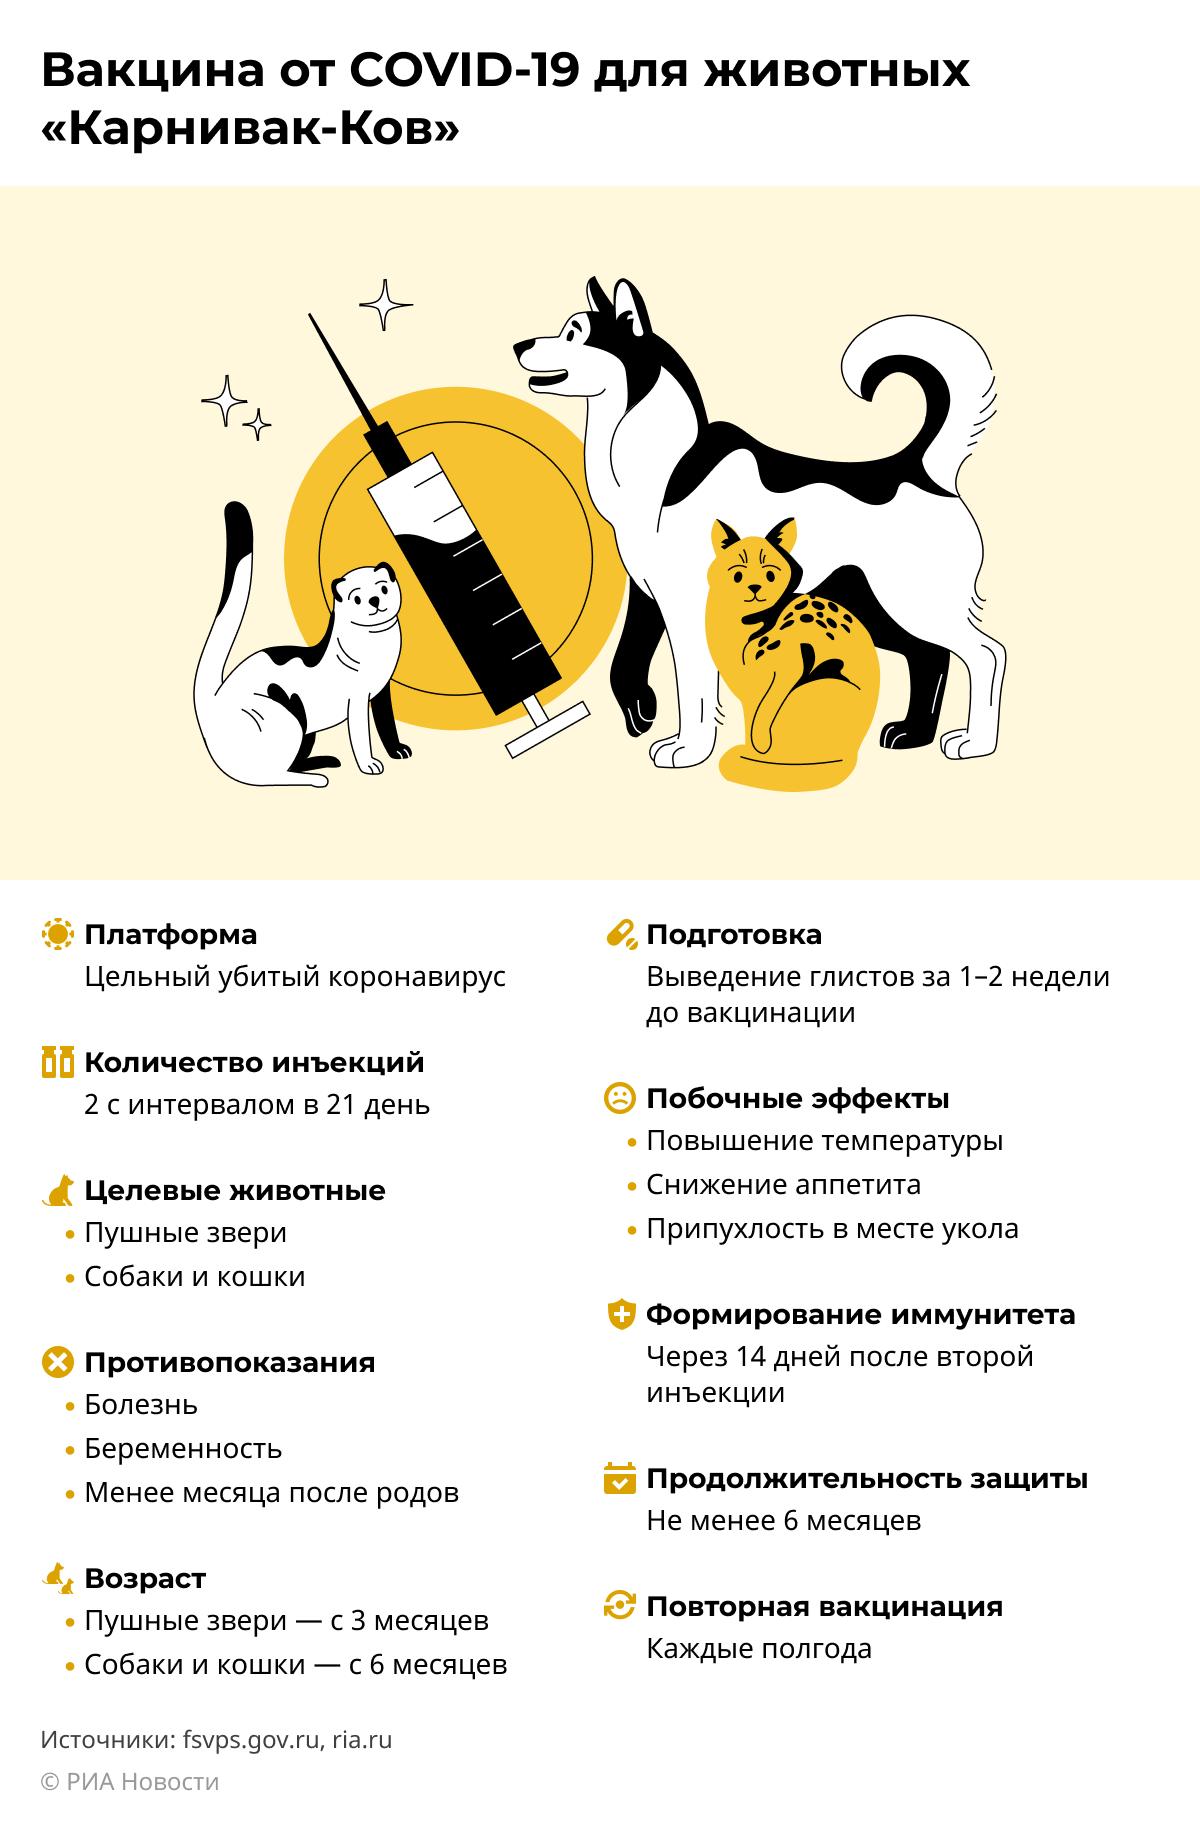 Российская вакцина от COVID-19 для животных Карнивак-Ков ДЕСКТОП